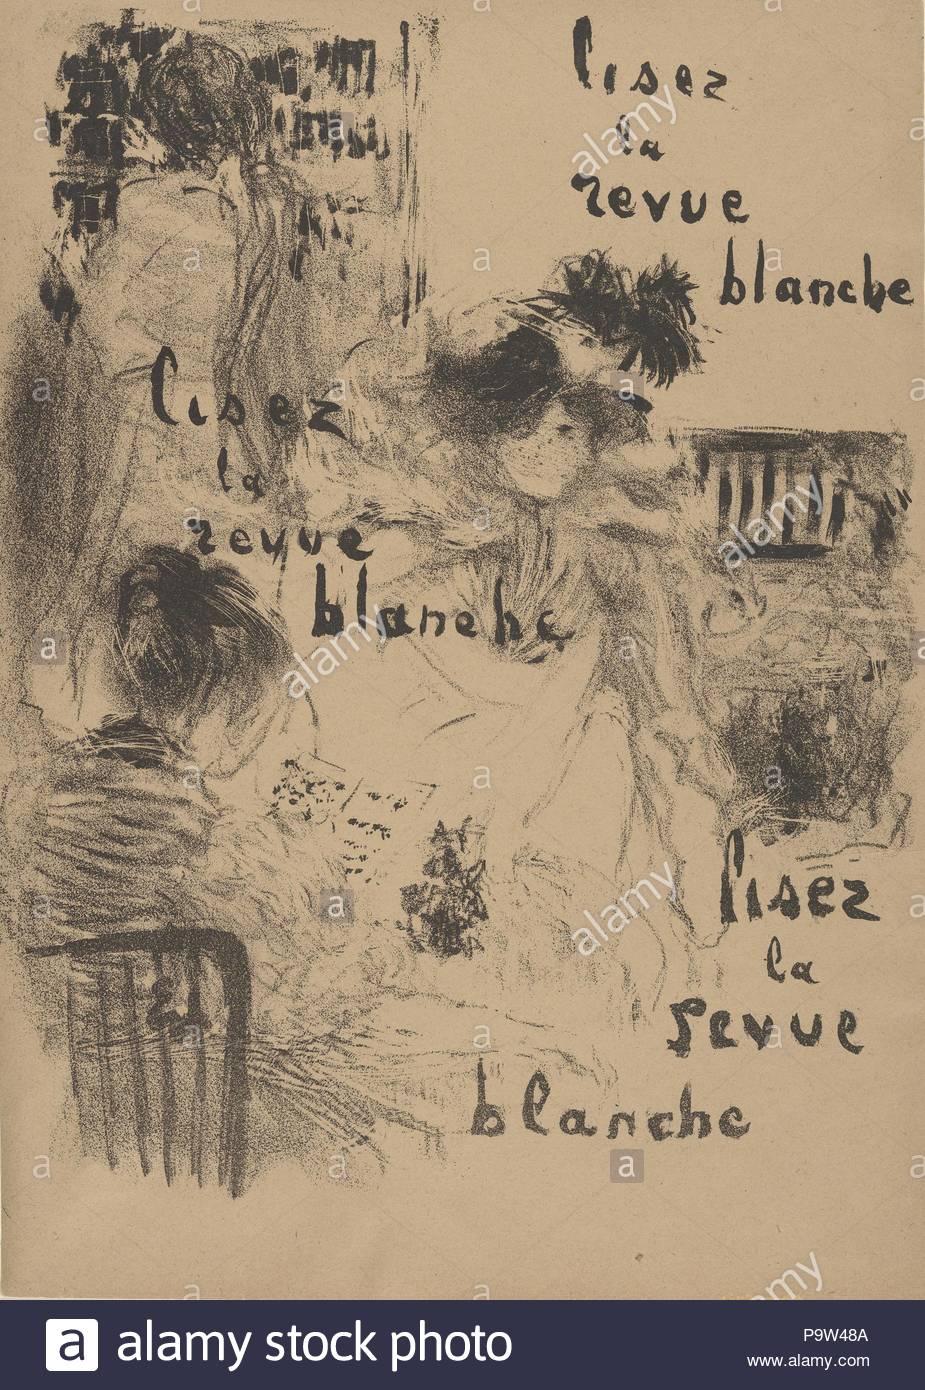 Lisez la Revue Blanche, late 19th–mid-20th century, Lithograph, sheet: 12 15/16 x 9 3/16 in. (32.8 x 23.4 cm), Prints, Édouard Vuillard (French, Cuiseaux 1868–1940 La Baule). - Stock Image